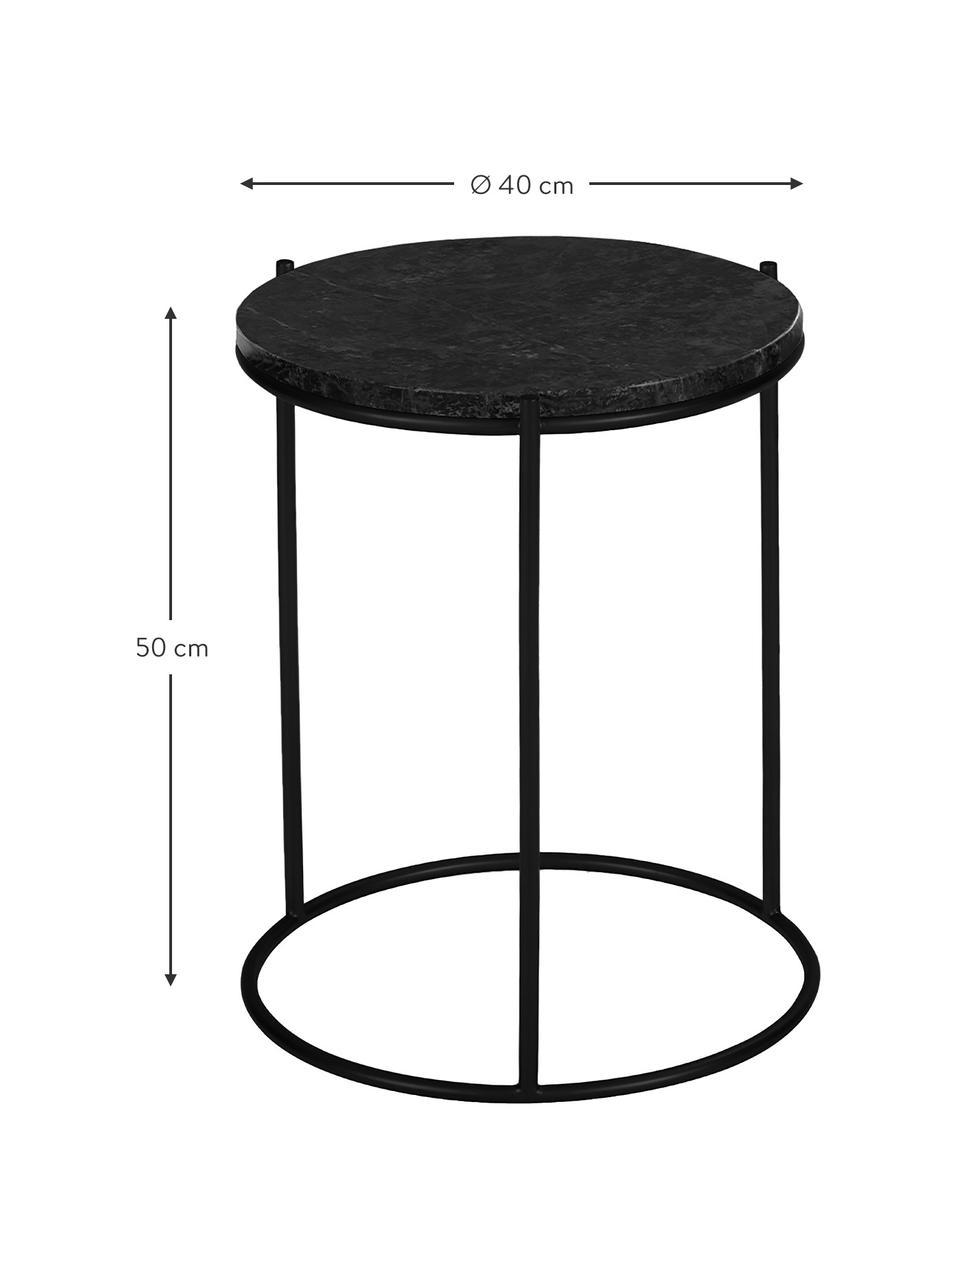 Runder Marmor-Beistelltisch Ella, Tischplatte: Marmor, Gestell: Metall, pulverbeschichtet, Schwarzer Marmor, Schwarz, Ø 40 x H 50 cm